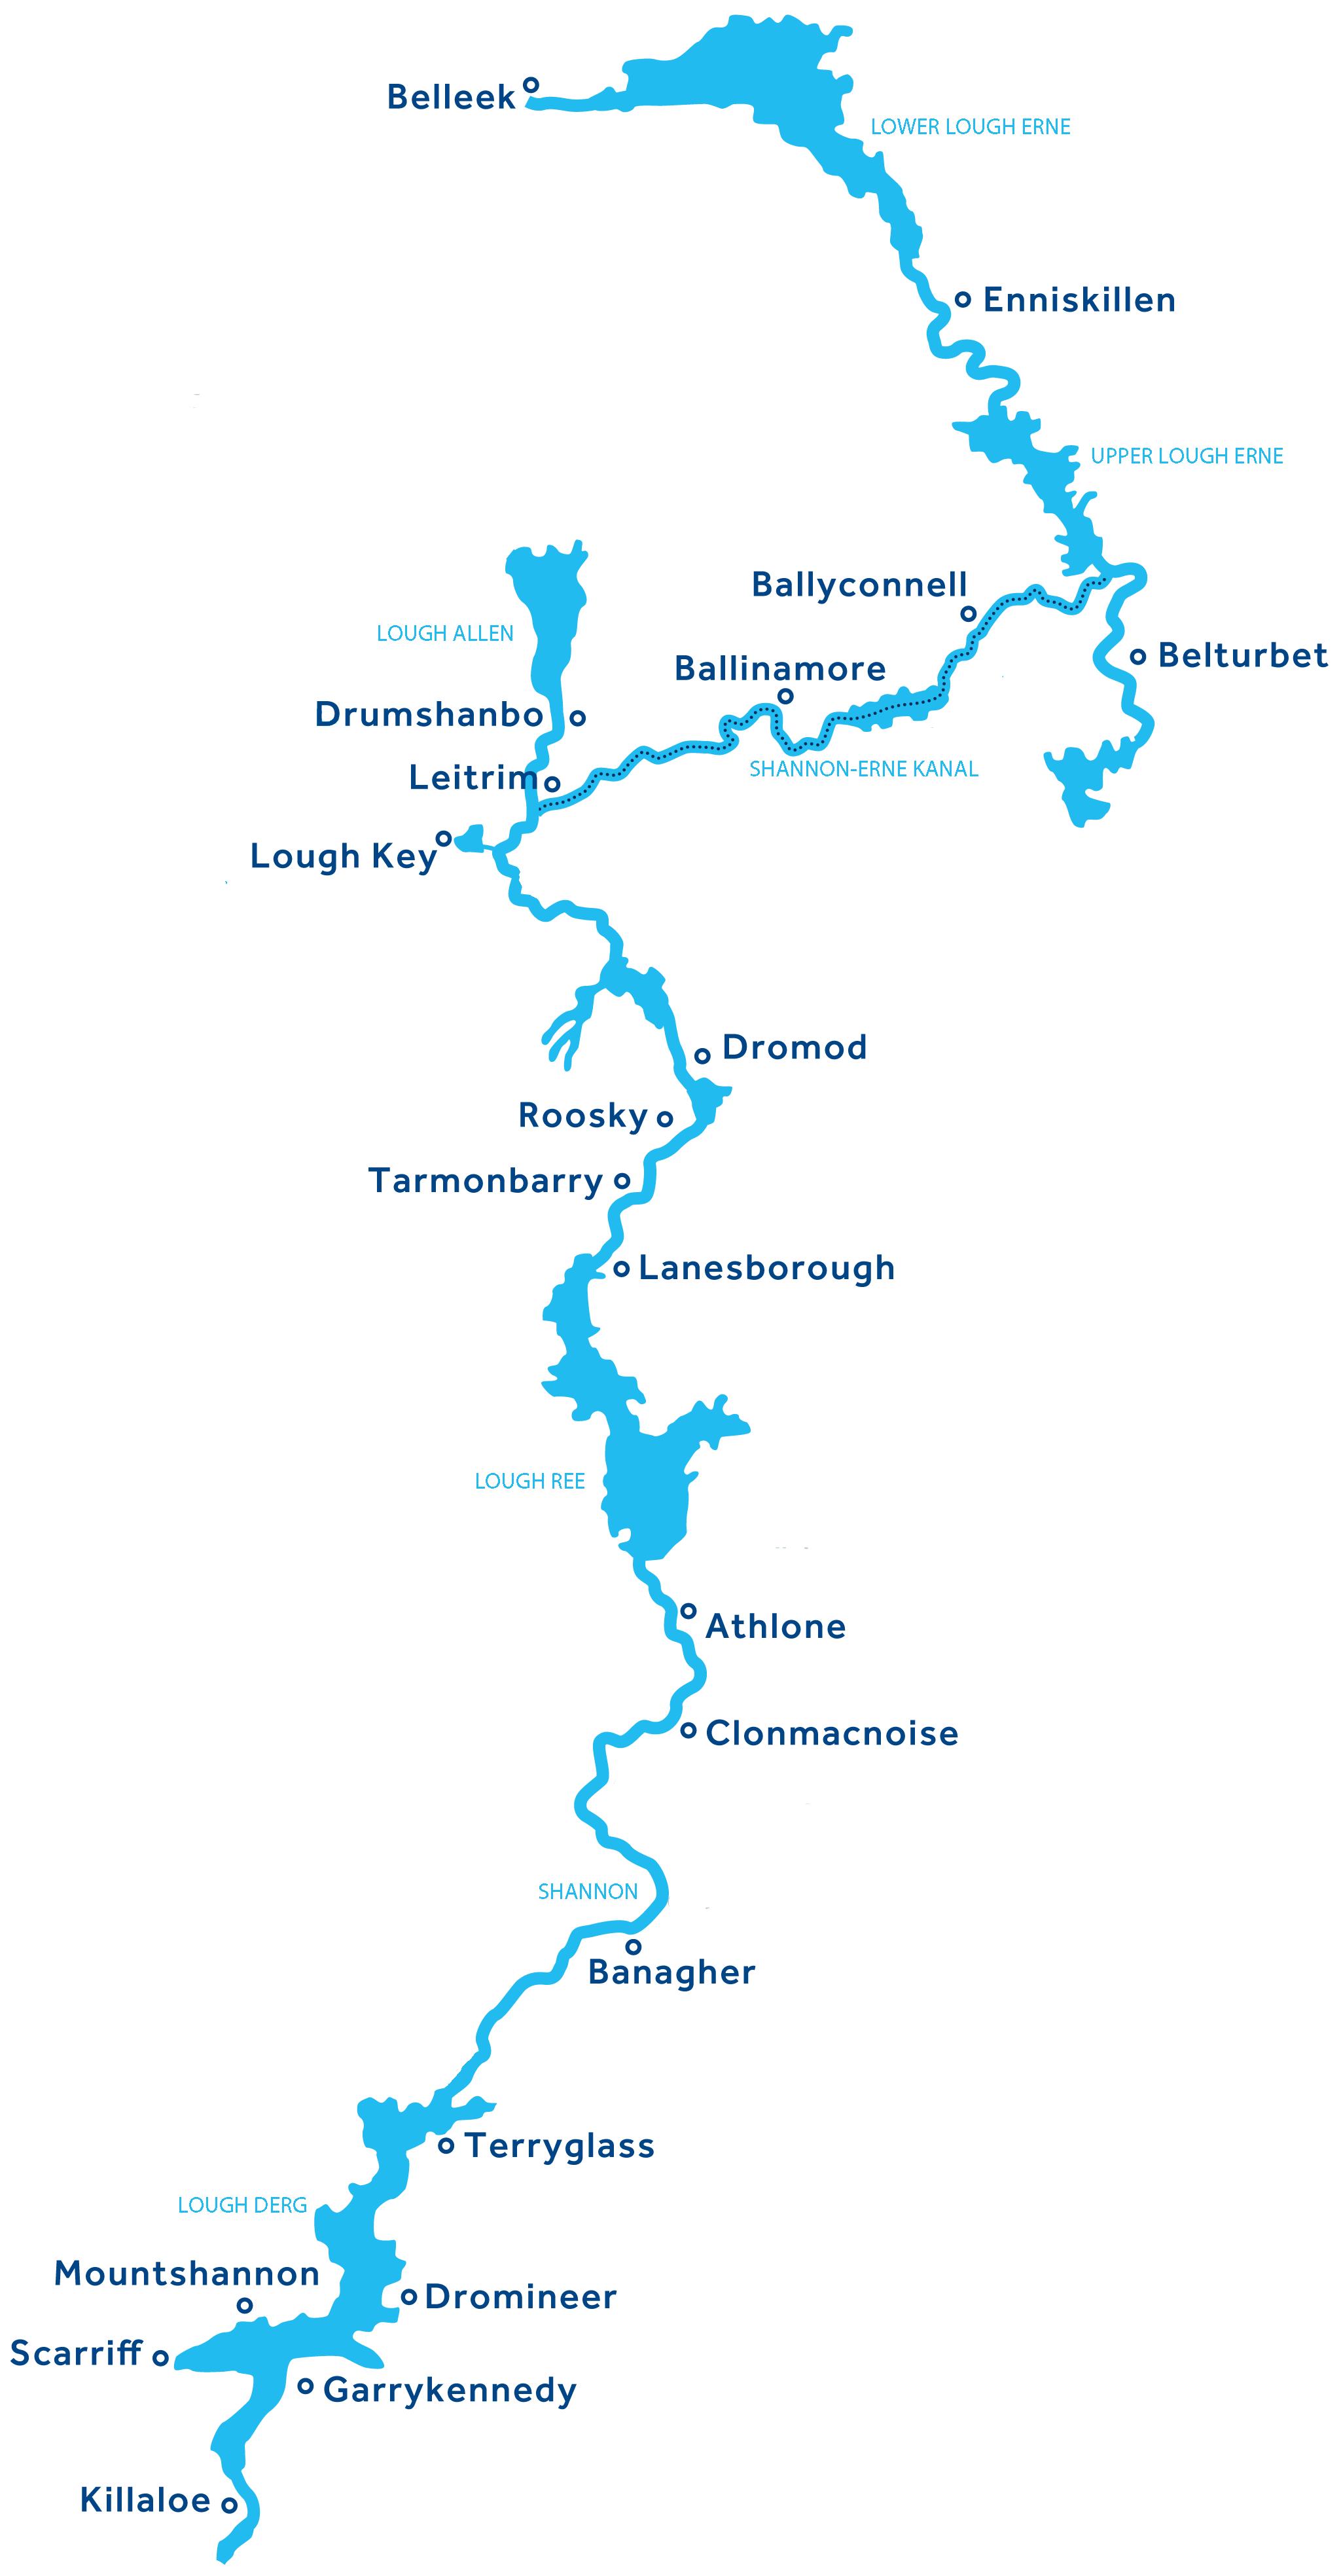 Shannon Errne Wasserwege Karte